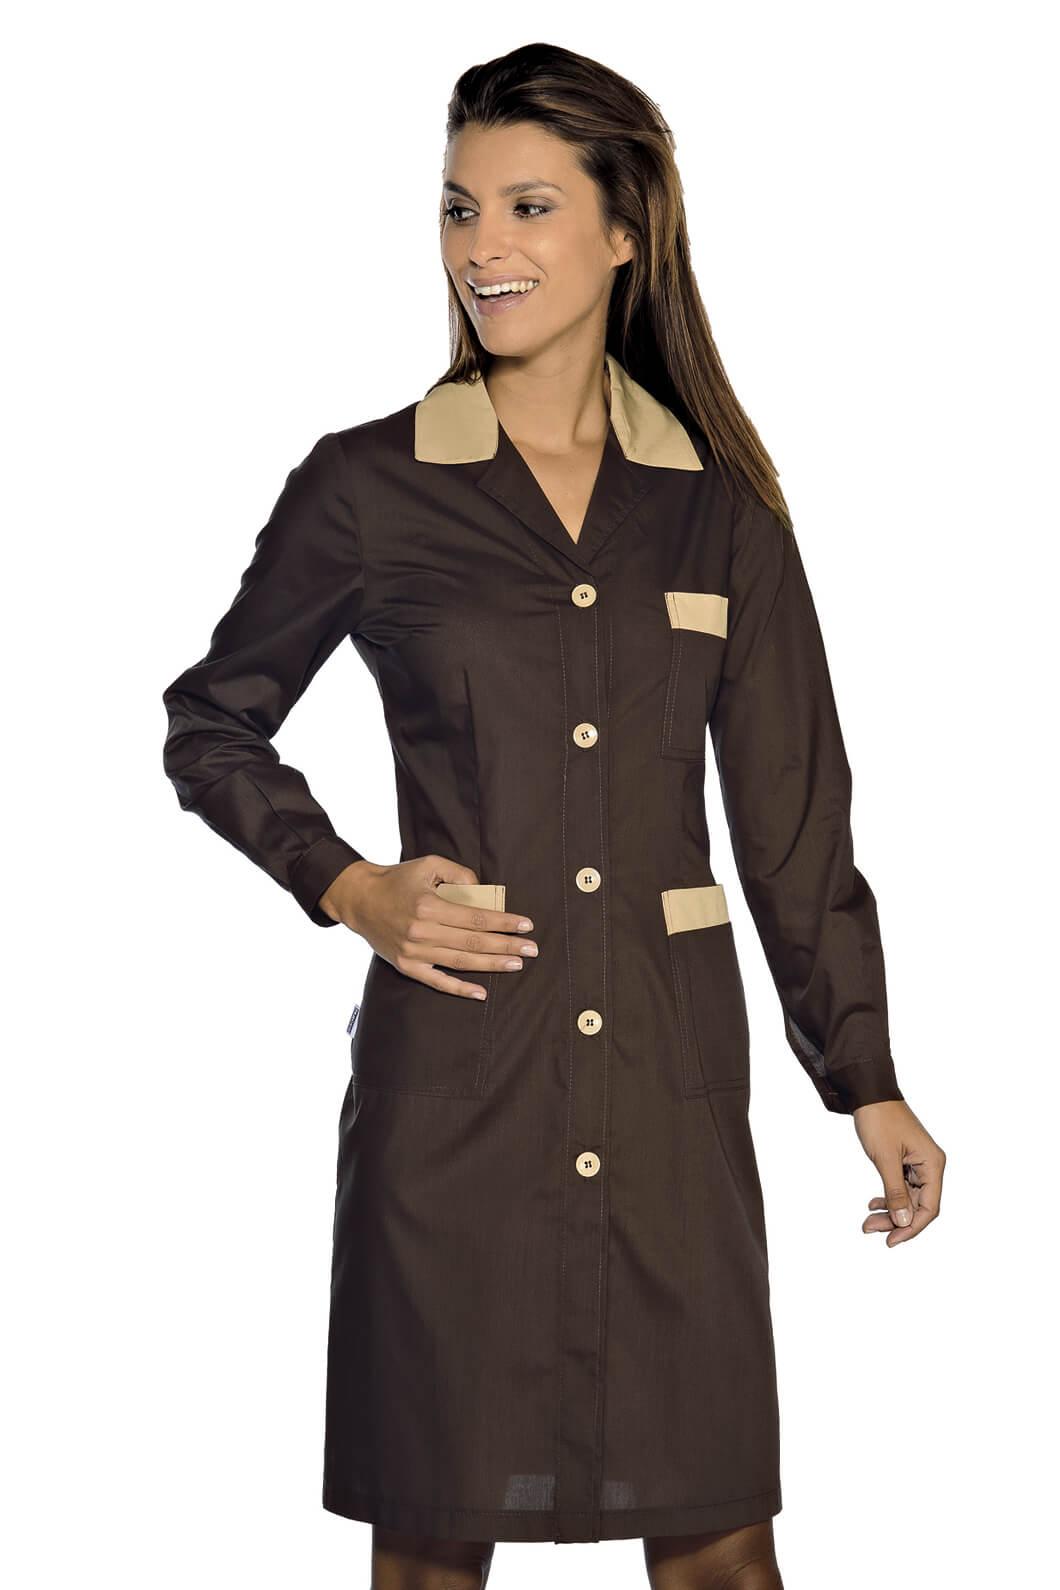 blouse de travail manches longues positano marron cacao. Black Bedroom Furniture Sets. Home Design Ideas